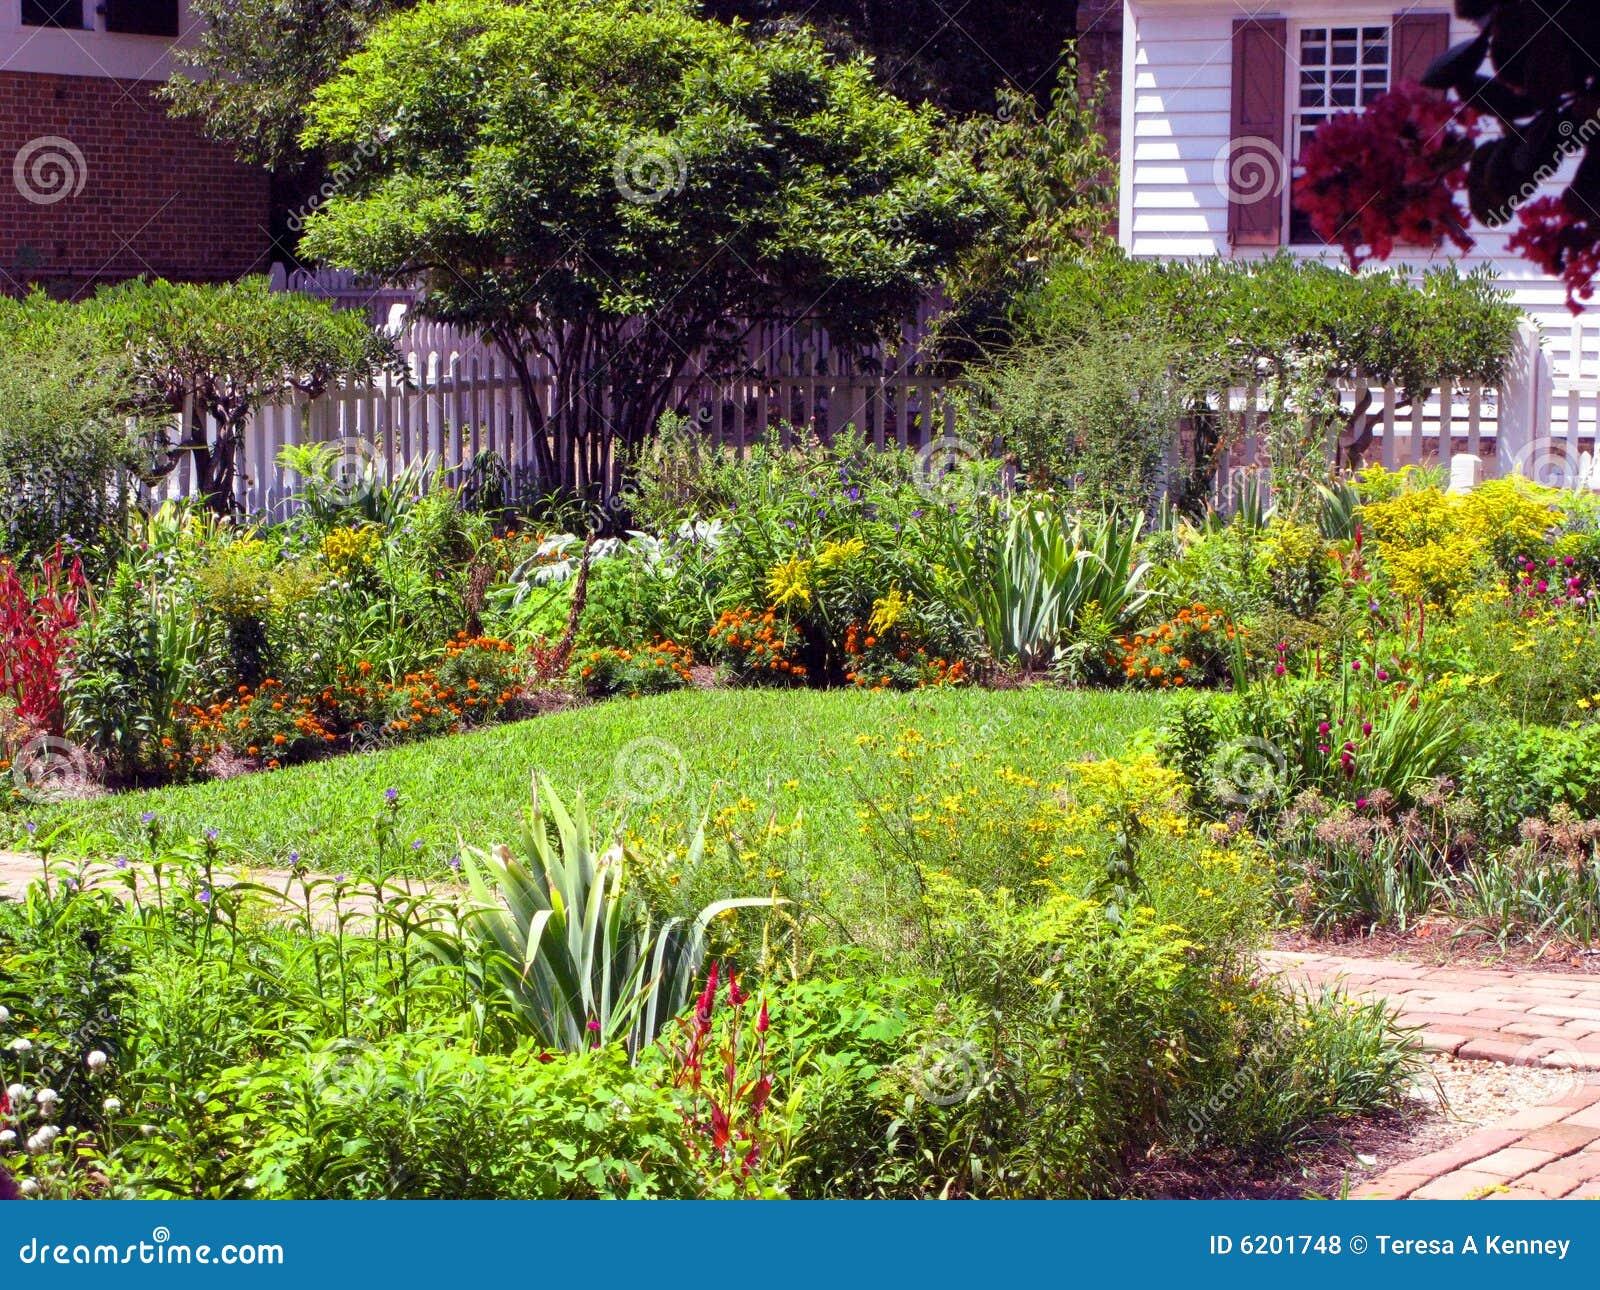 fotos jardins lindos : fotos jardins lindos:Jardins Bonitos Fotos de Stock Royalty Free – Imagem: 6201748